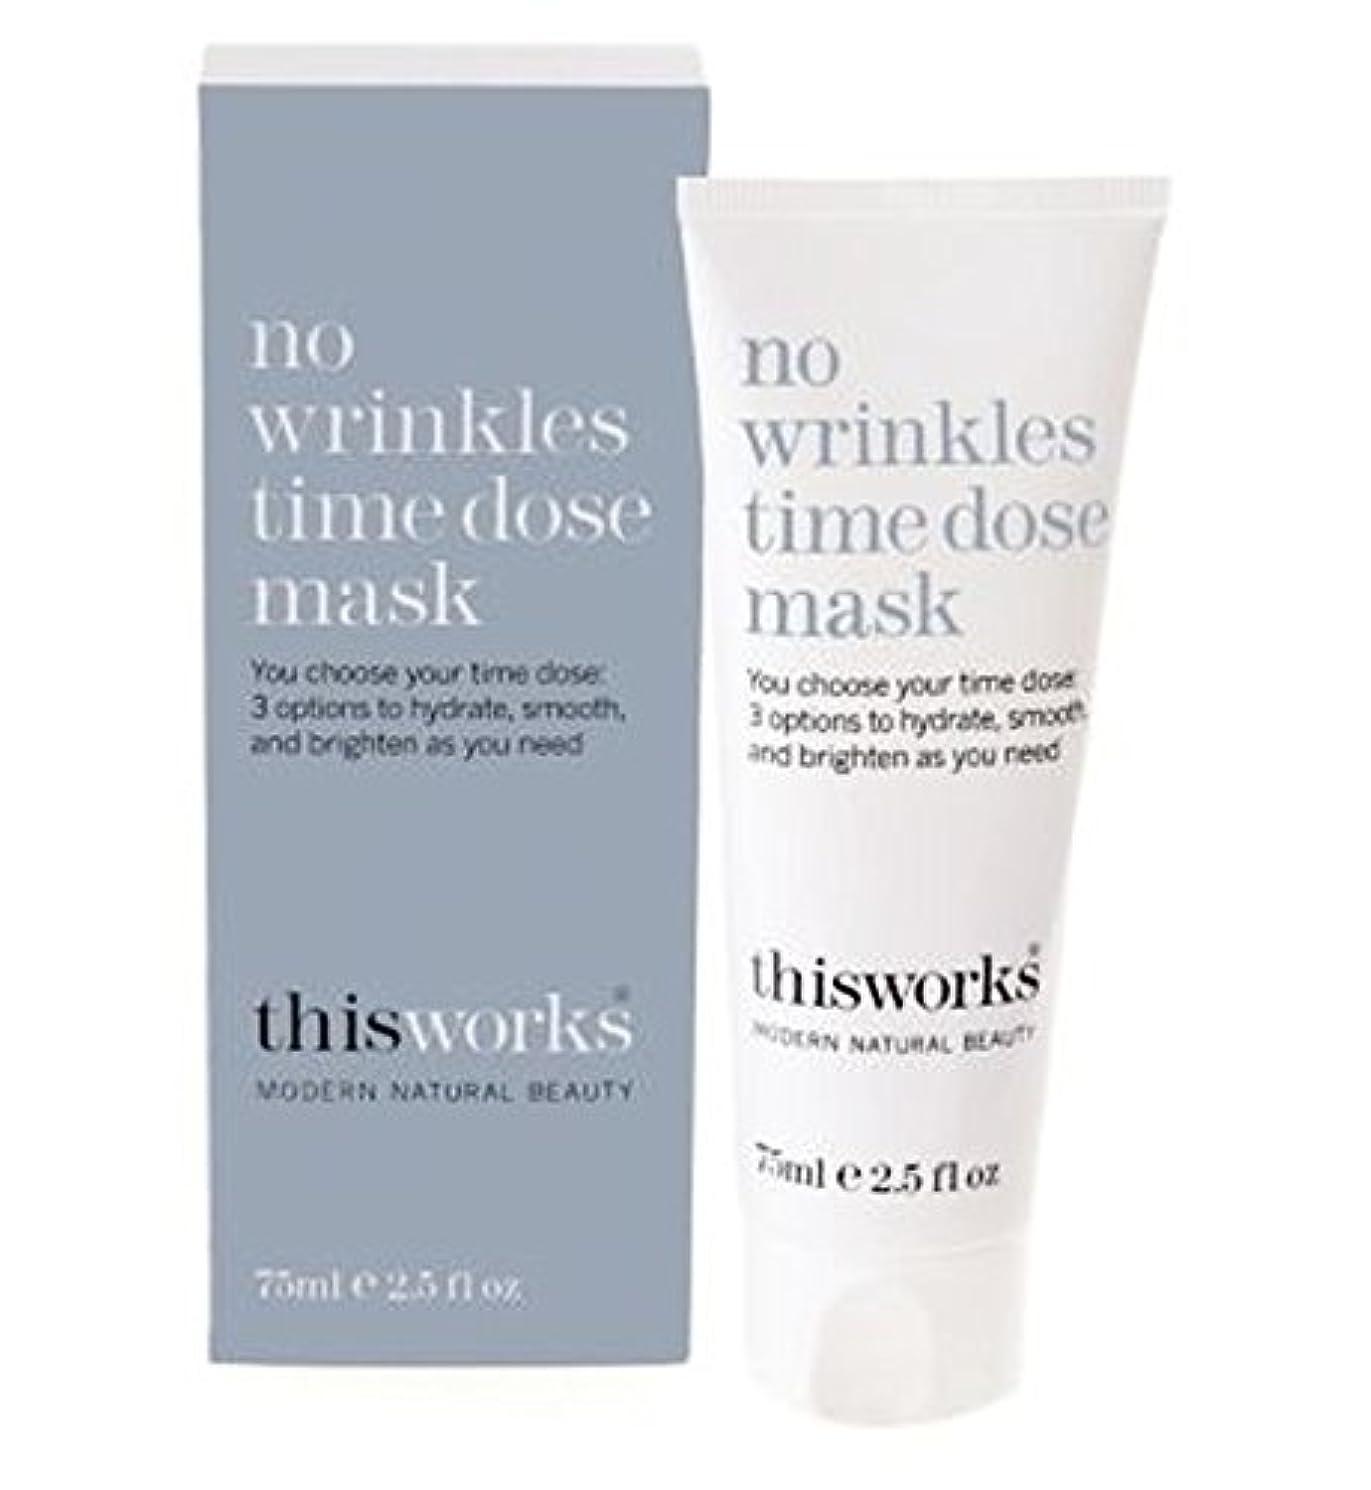 汚れる合理的退屈させるThis Works No Wrinkles Time Dose Mask 75ml - これにはしわ時間線量マスクの75ミリリットルの作品はありません (This Works) [並行輸入品]